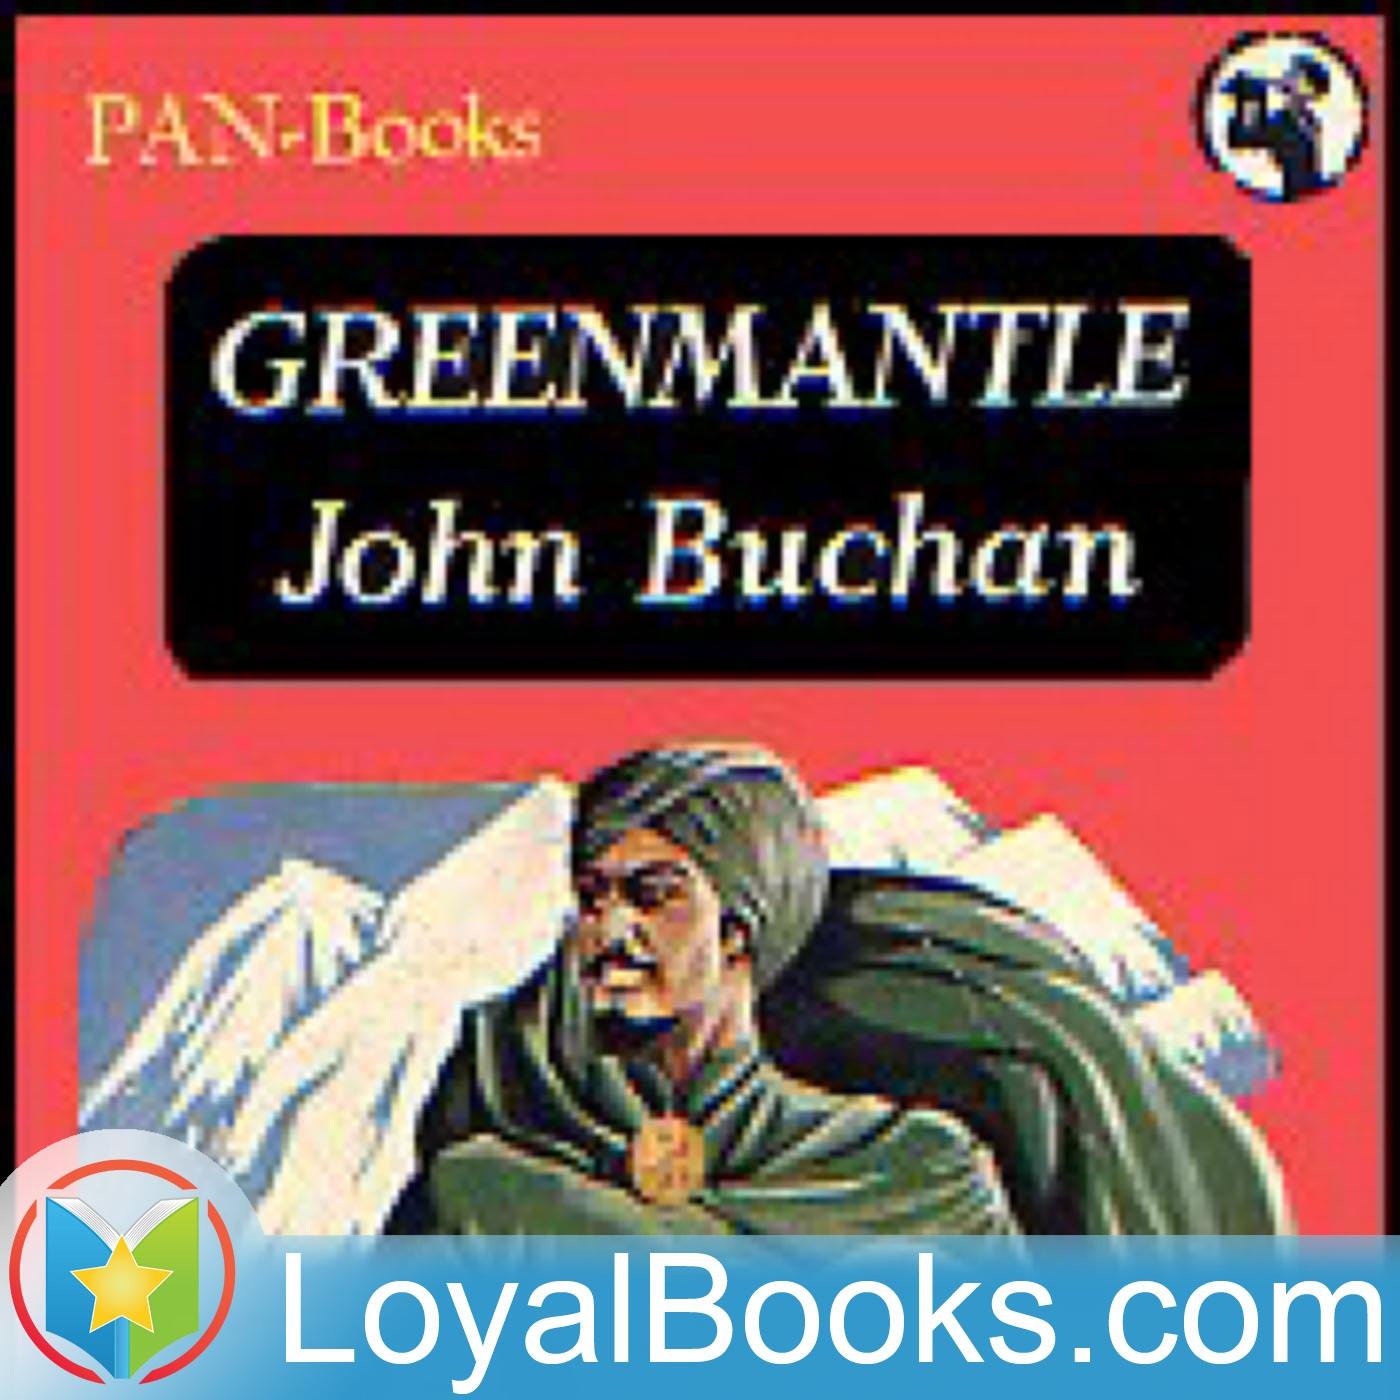 <![CDATA[Greenmantle by John Buchan]]>